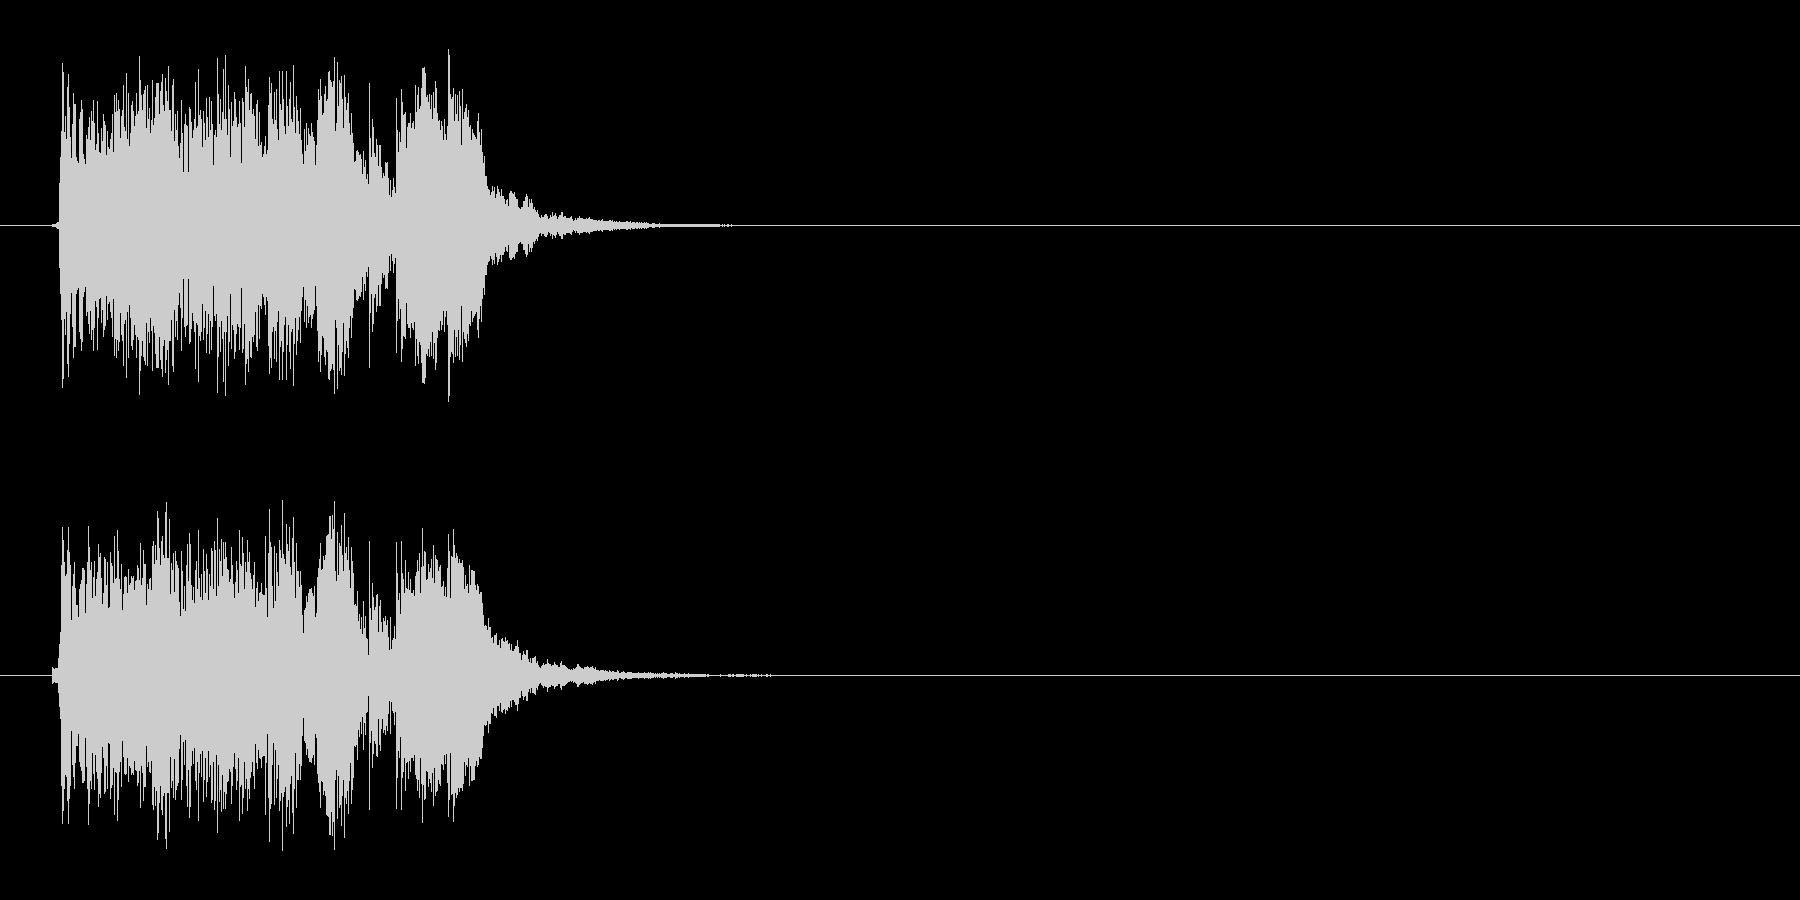 音が上がっていくようなシンセジングルの未再生の波形